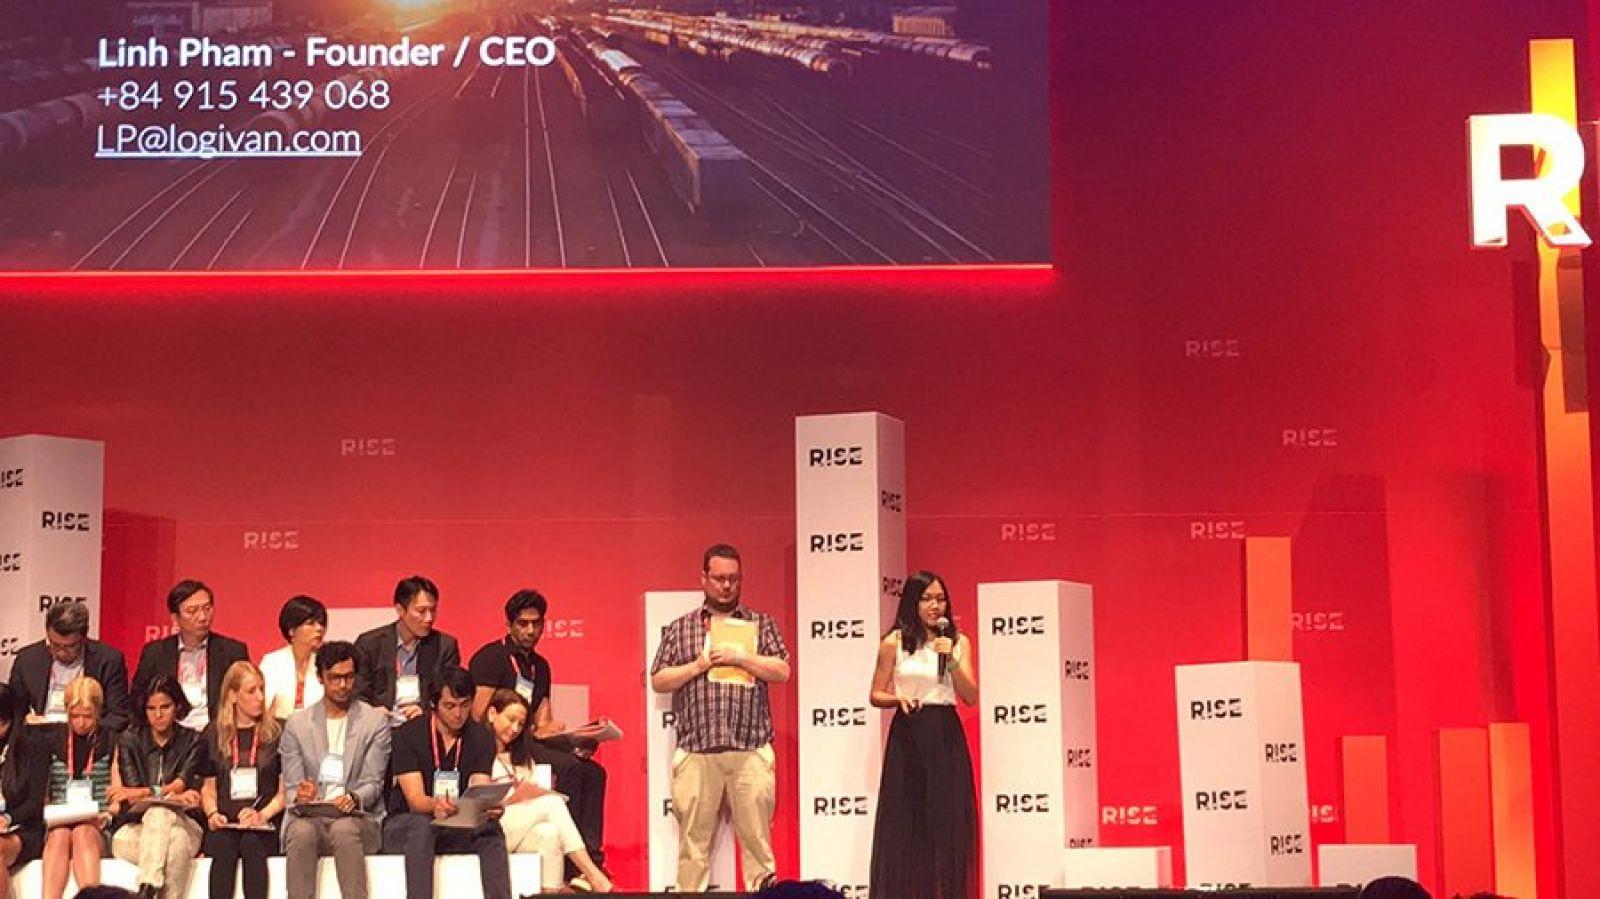 """Linh trình bày mô hình kinh doanh của mình tại cuộc thi """"PITCH – The Startup Battle"""" do Hội nghị công nghệ và khởi nghiệp quốc tế RISE tổ chức. Ảnh: Logivan"""